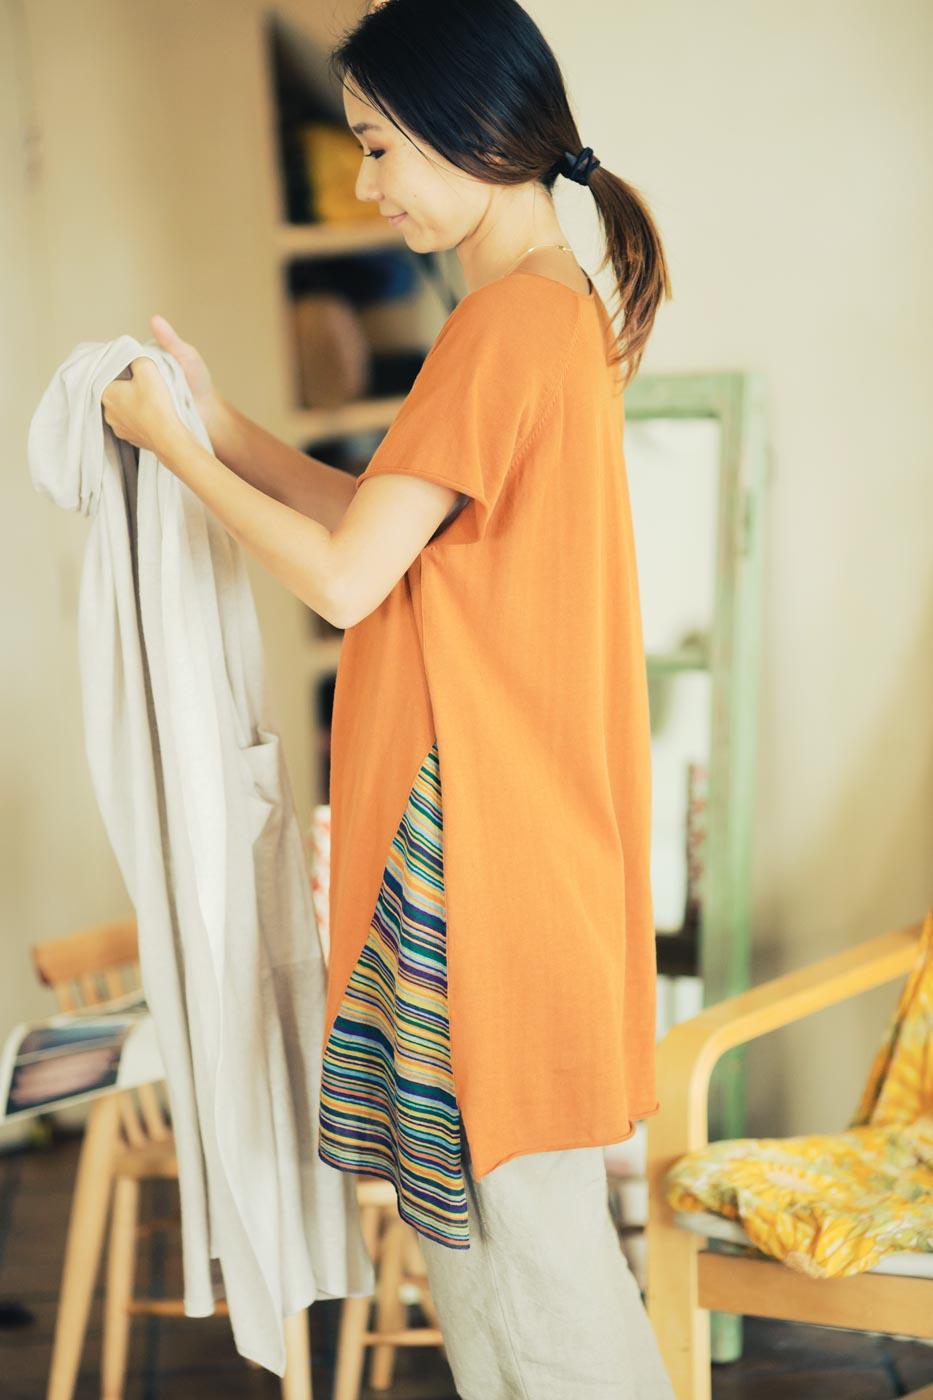 Jurgen Lehl Long Blouse Made of Cotton, Linen and Silk